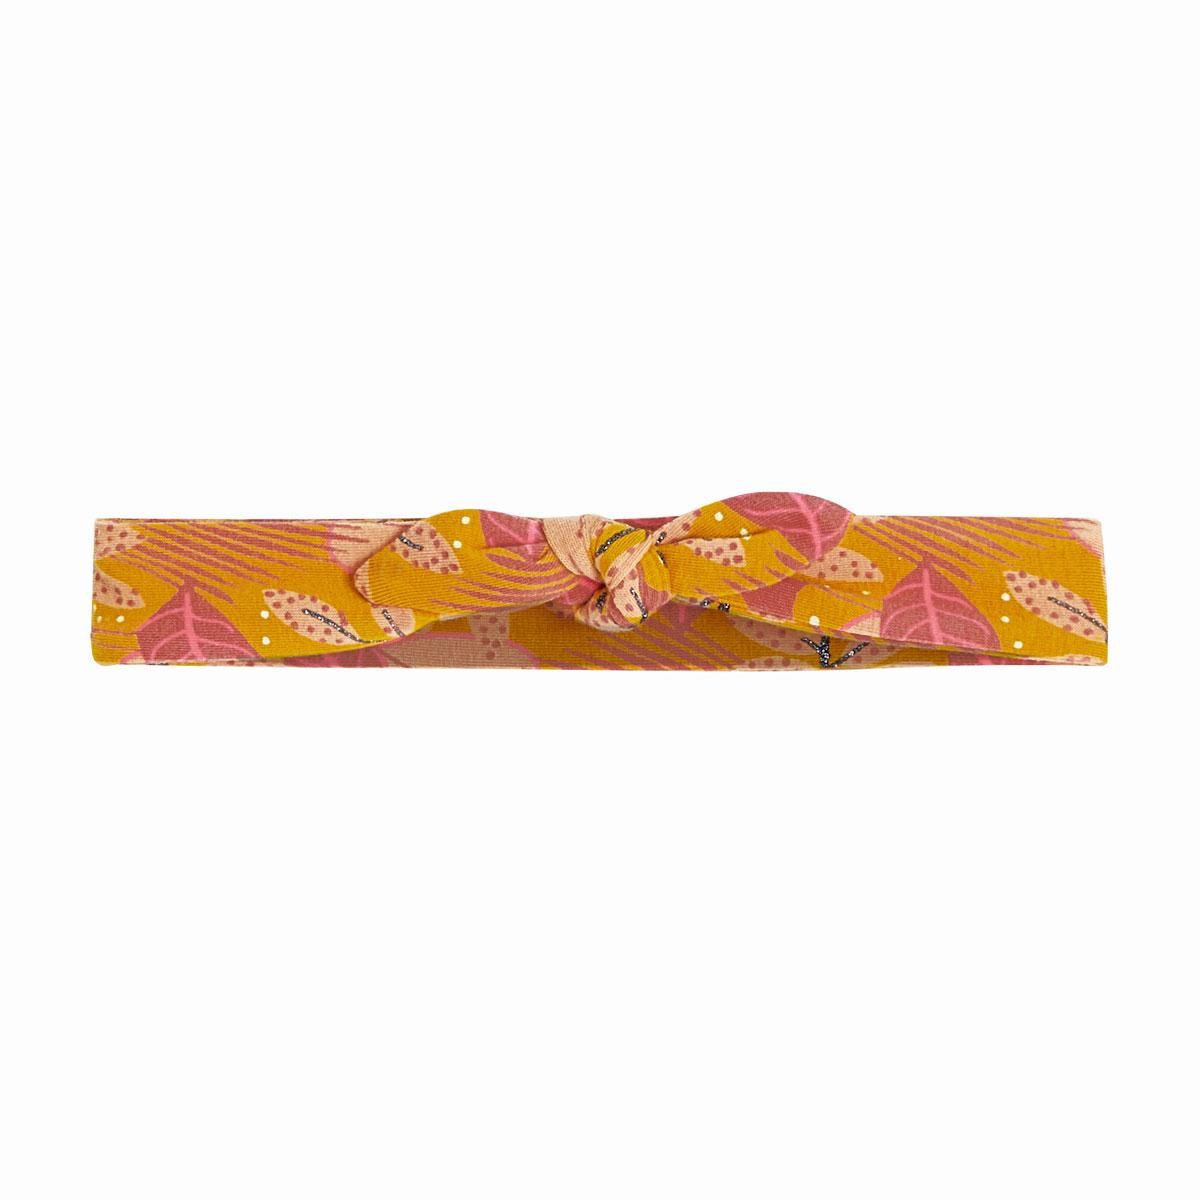 Robe fille en molleton, legging et bandeau contenant du coton bio Papaye bandeau